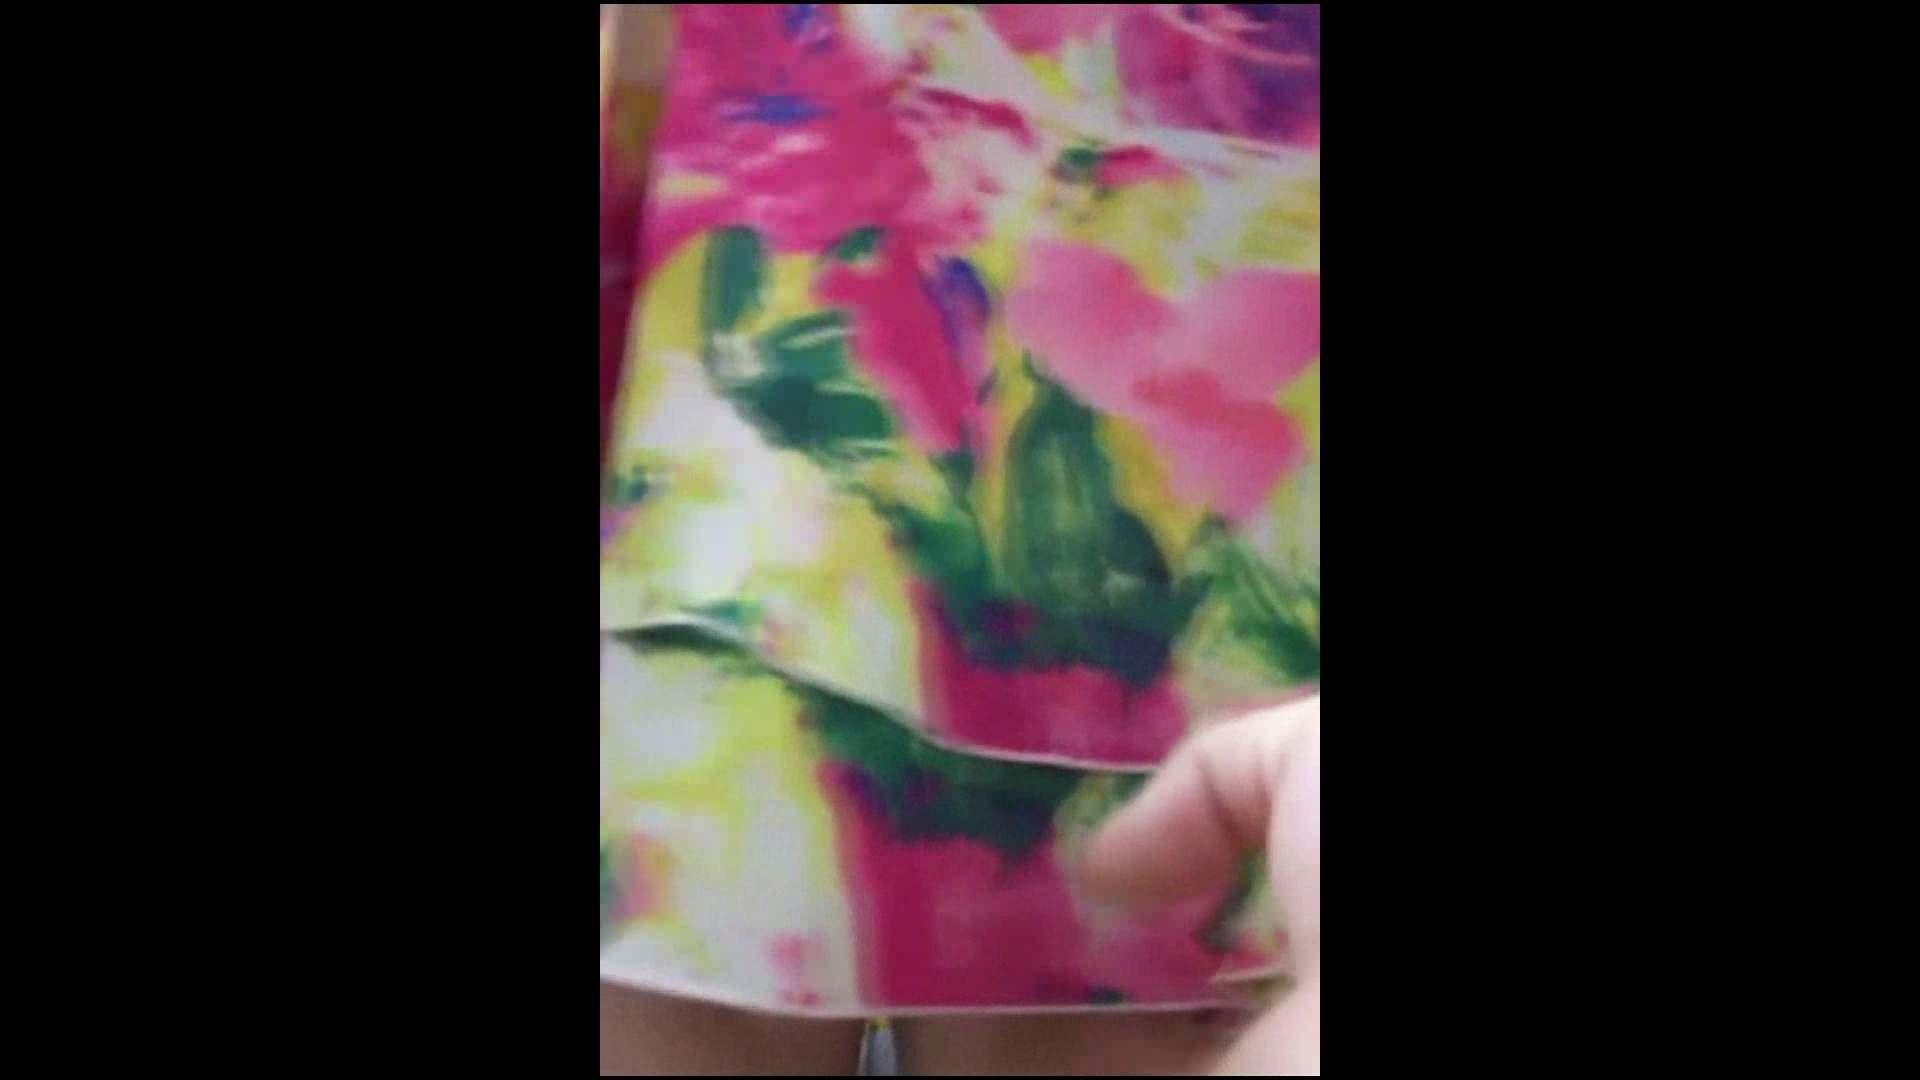 綺麗なモデルさんのスカート捲っちゃおう‼vol01 Hなお姉さん | モデルヌード  74pic 63